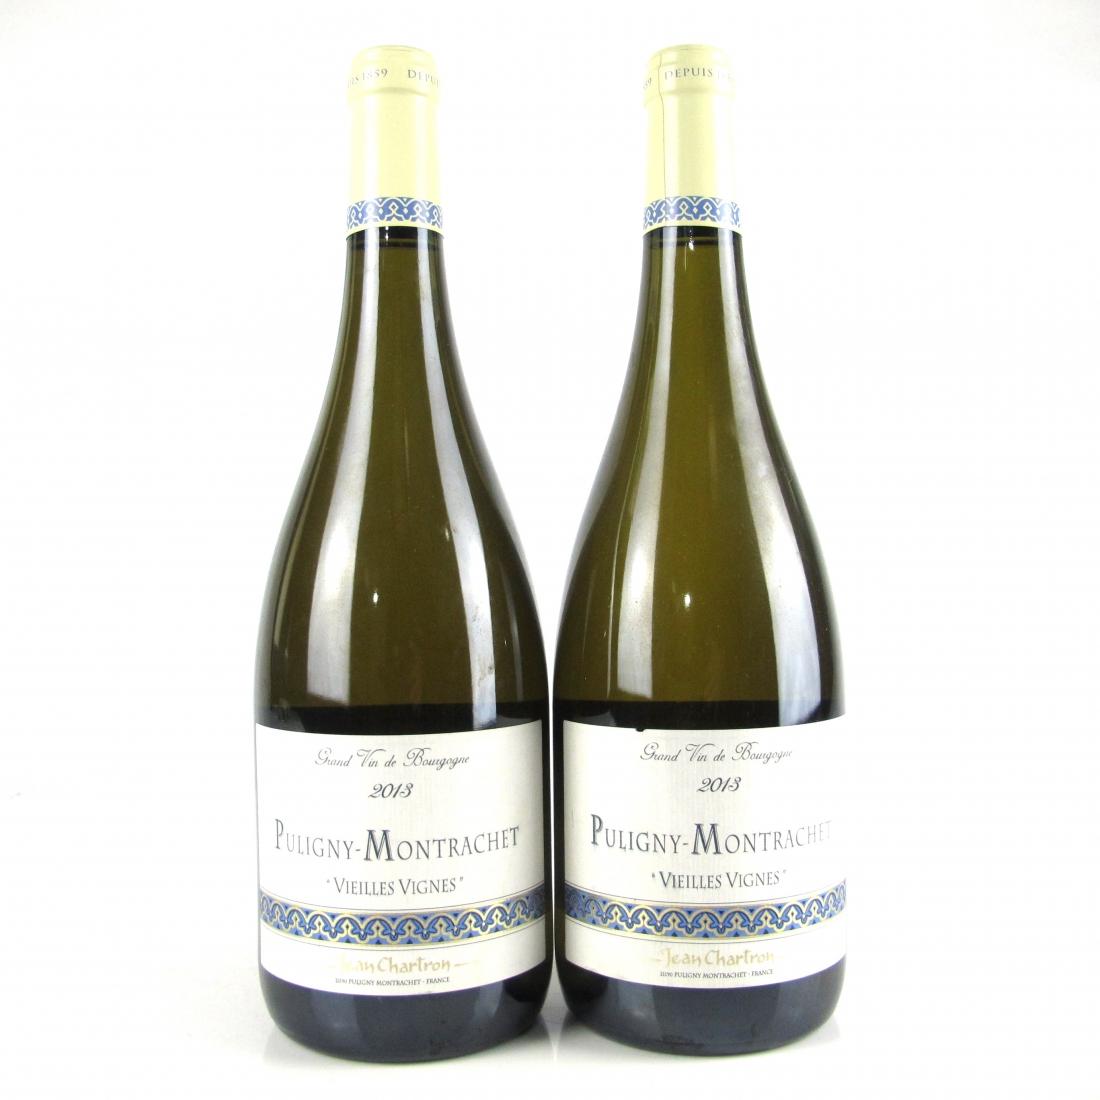 J.Chartron 2013 Puligny-Montrachet 2x75cl